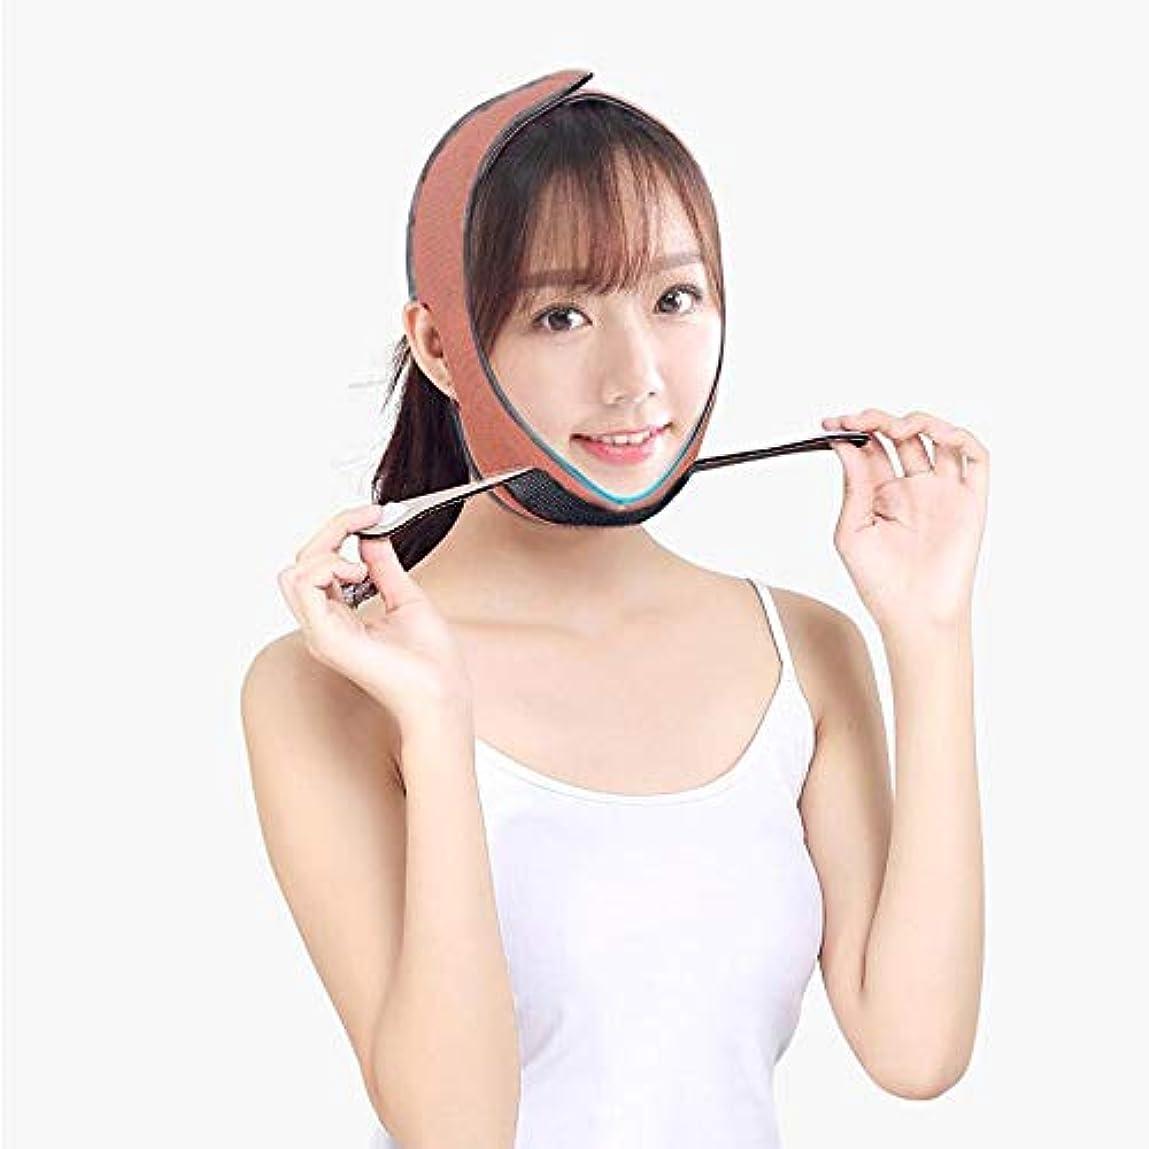 批判的完璧脱走フェイシャルリフティングスリミングベルト - 薄いフェイス包帯Vフェイス包帯マスクフェイシャルマッサージャー無料整形マスク顔と首の顔を引き締めますスリム